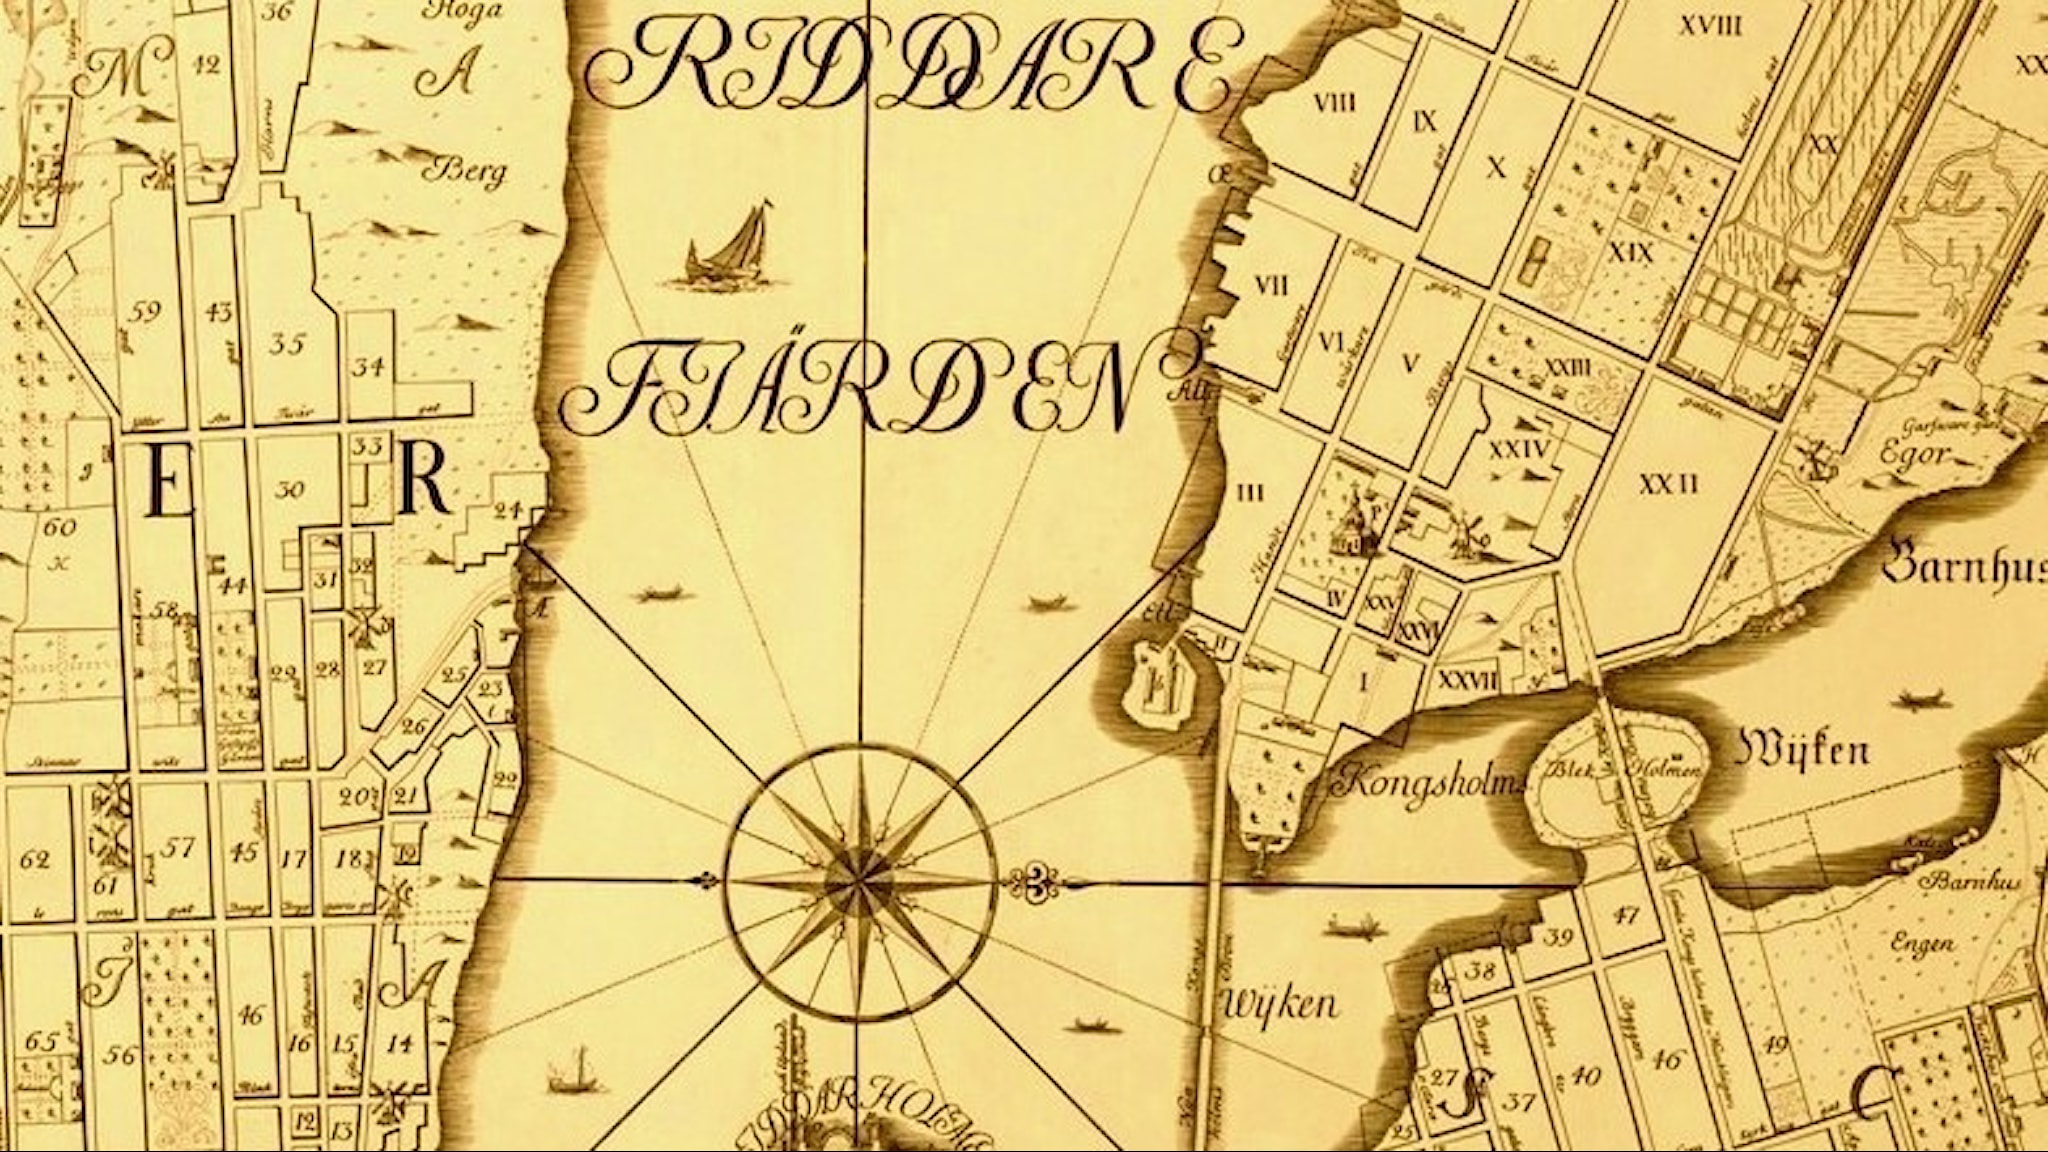 Det utgrävda kvarteret syns längst ner till vänster på kartan. Karta från 1733 av Petrus Tillaeus.